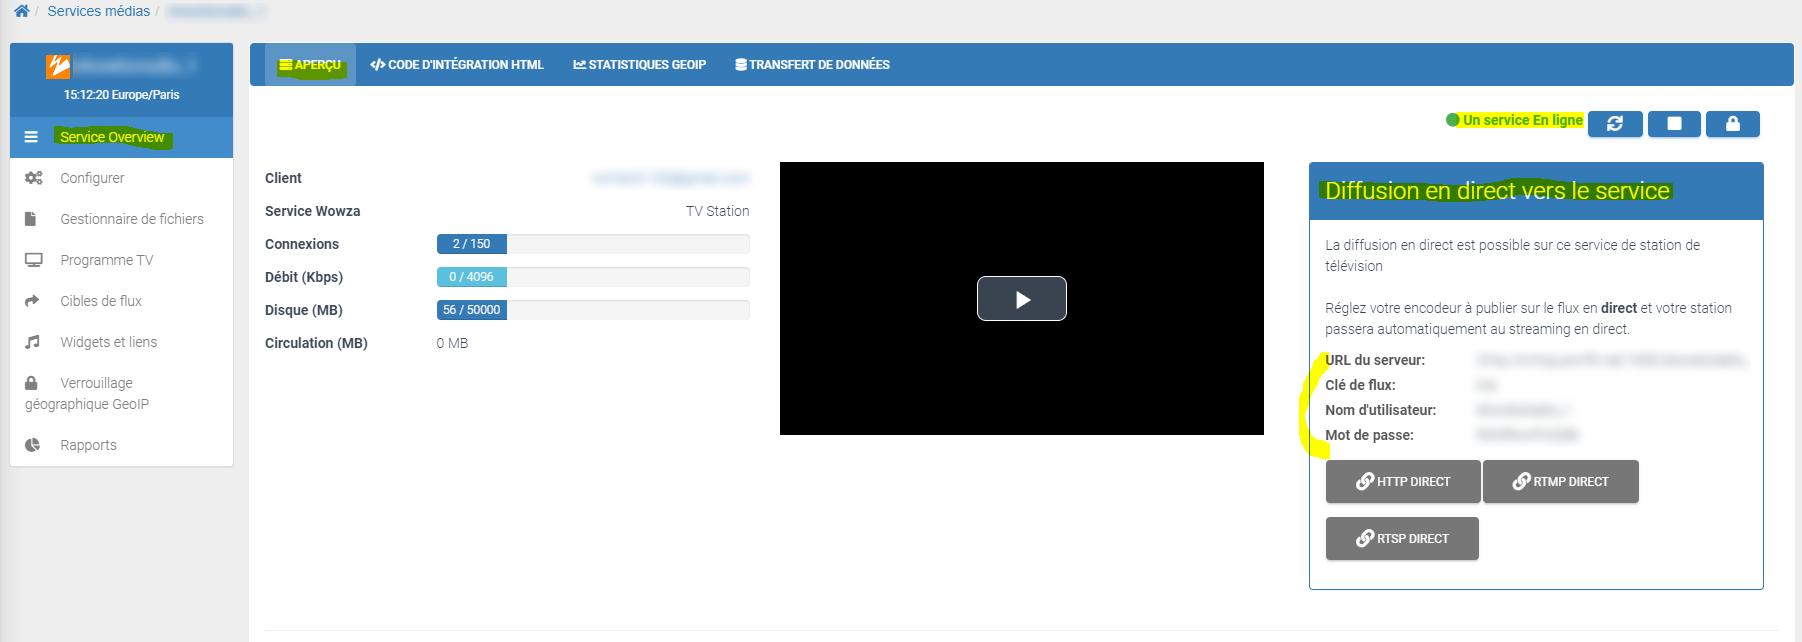 Paramètres de connexion live vidéo streaming webtv TVMCP